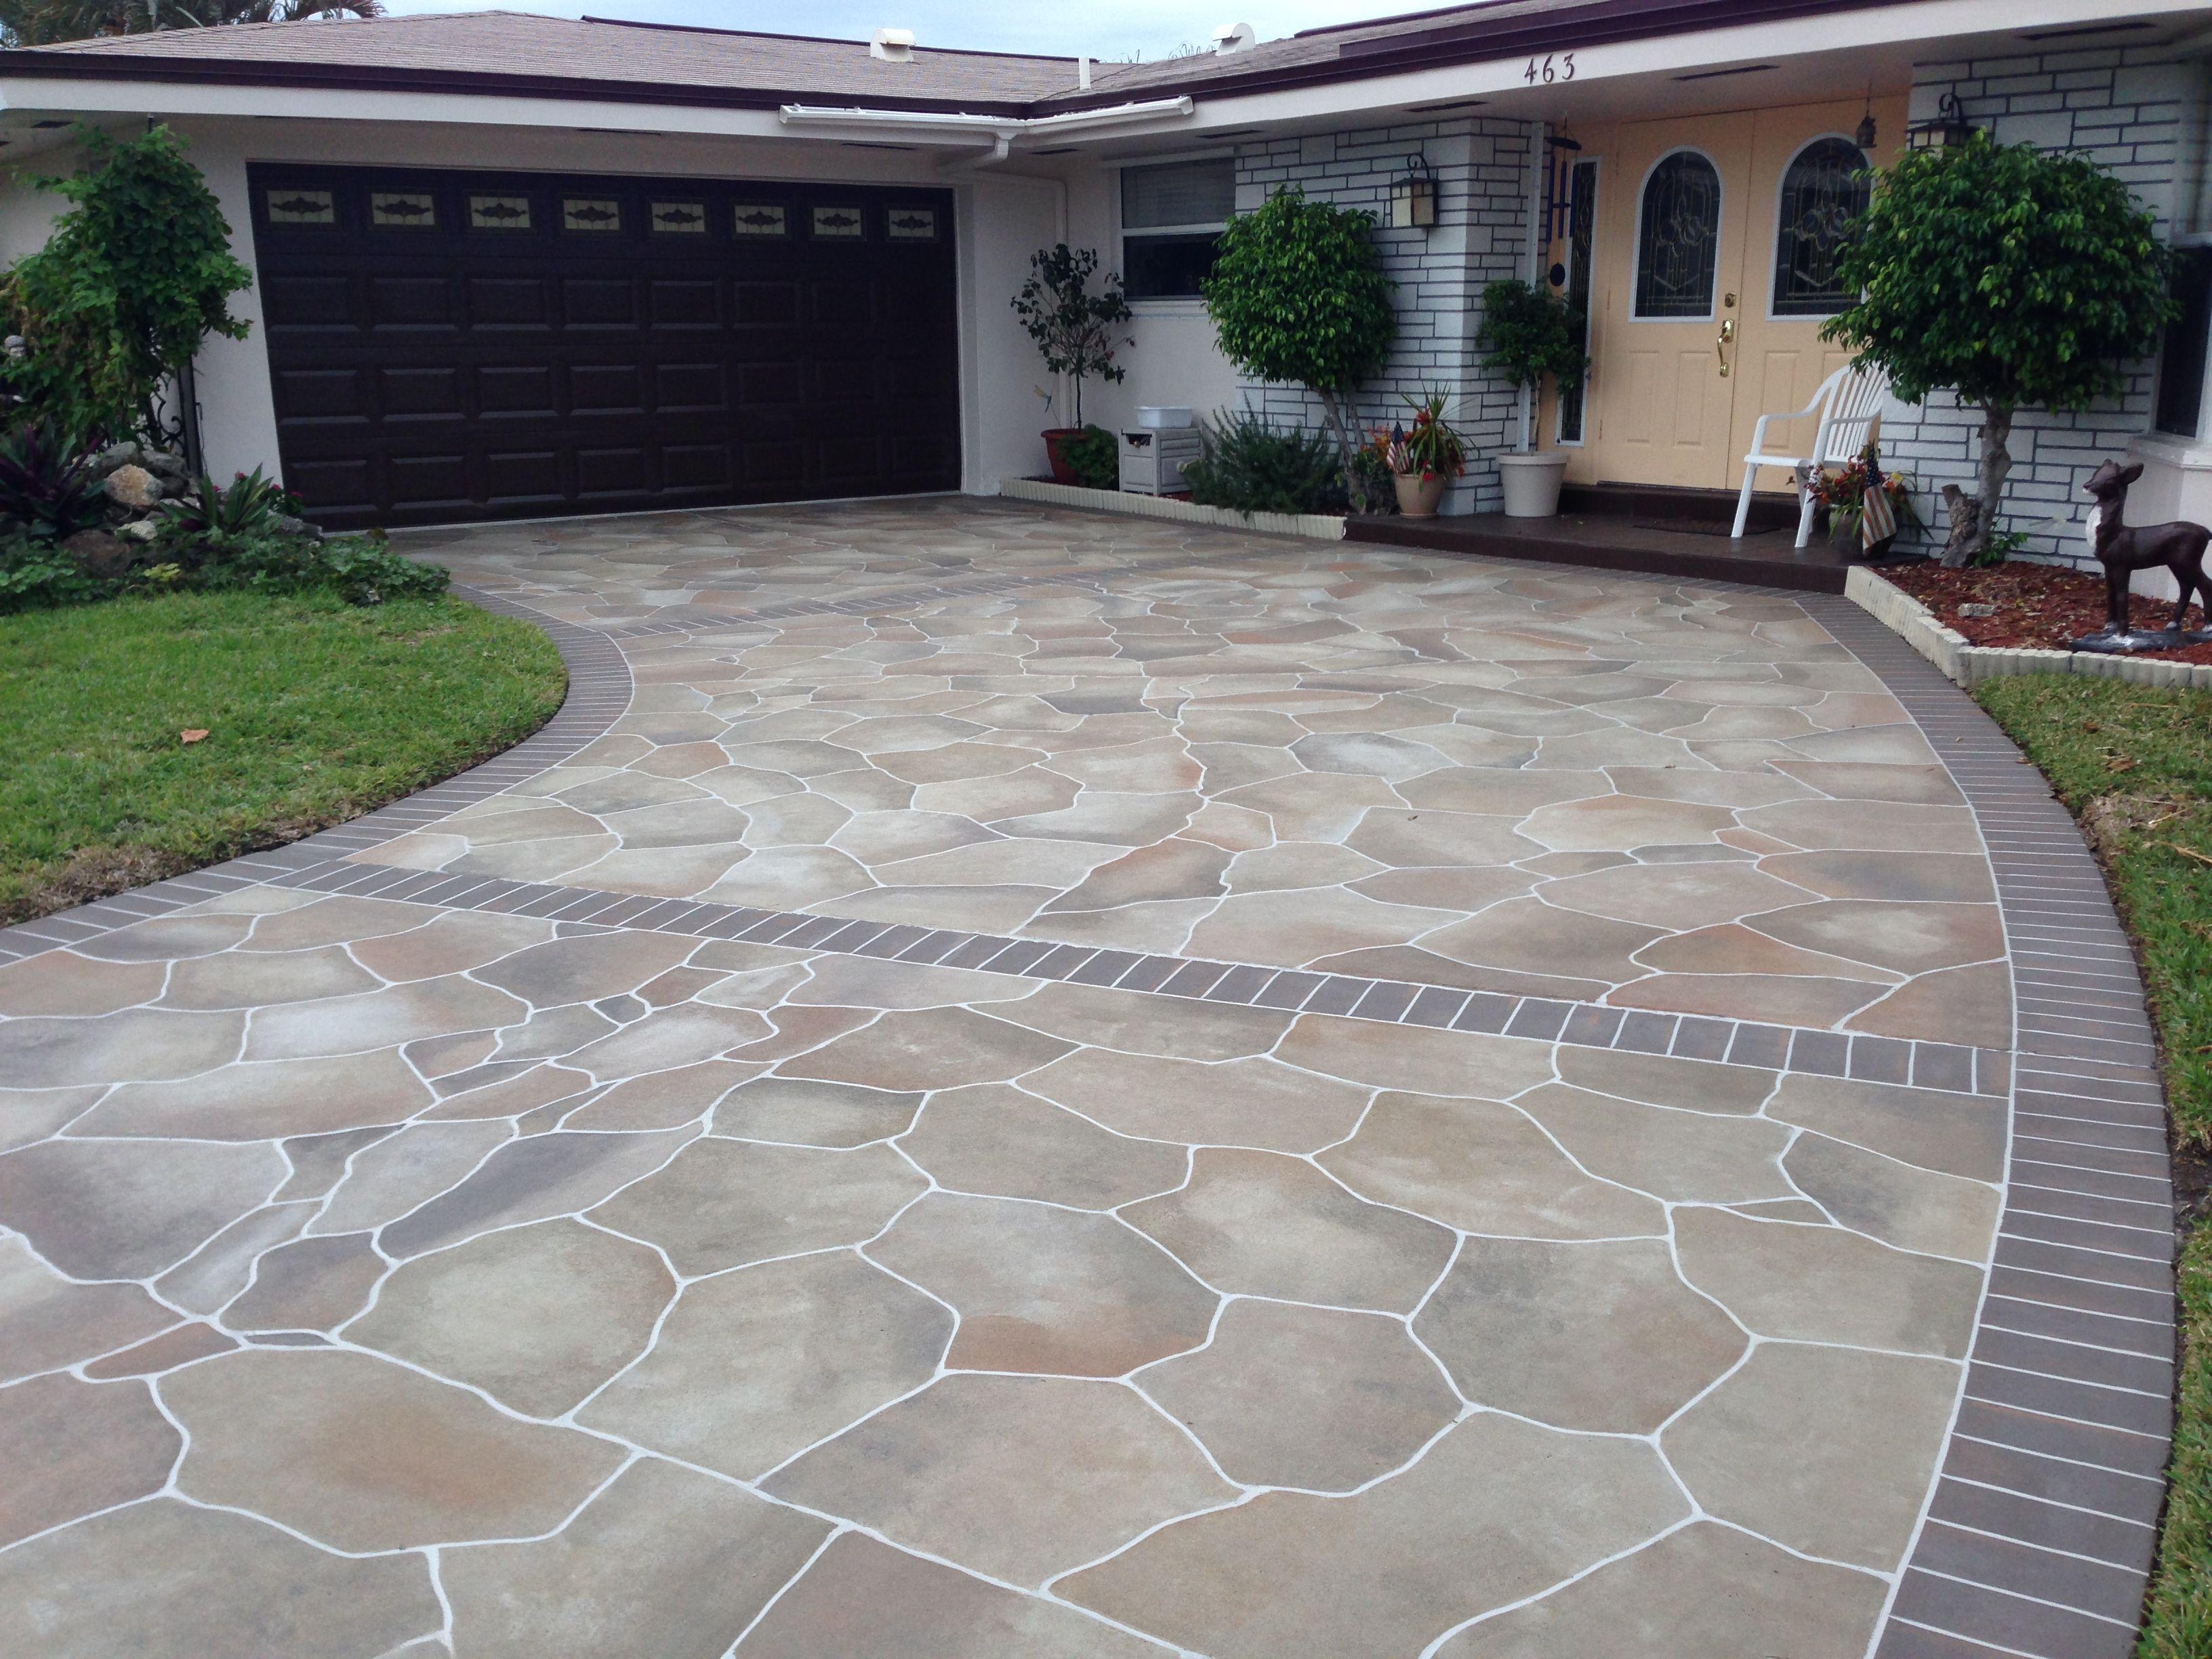 Concrete Driveway Design Ideas Driveway Design Patio Patio Tiles